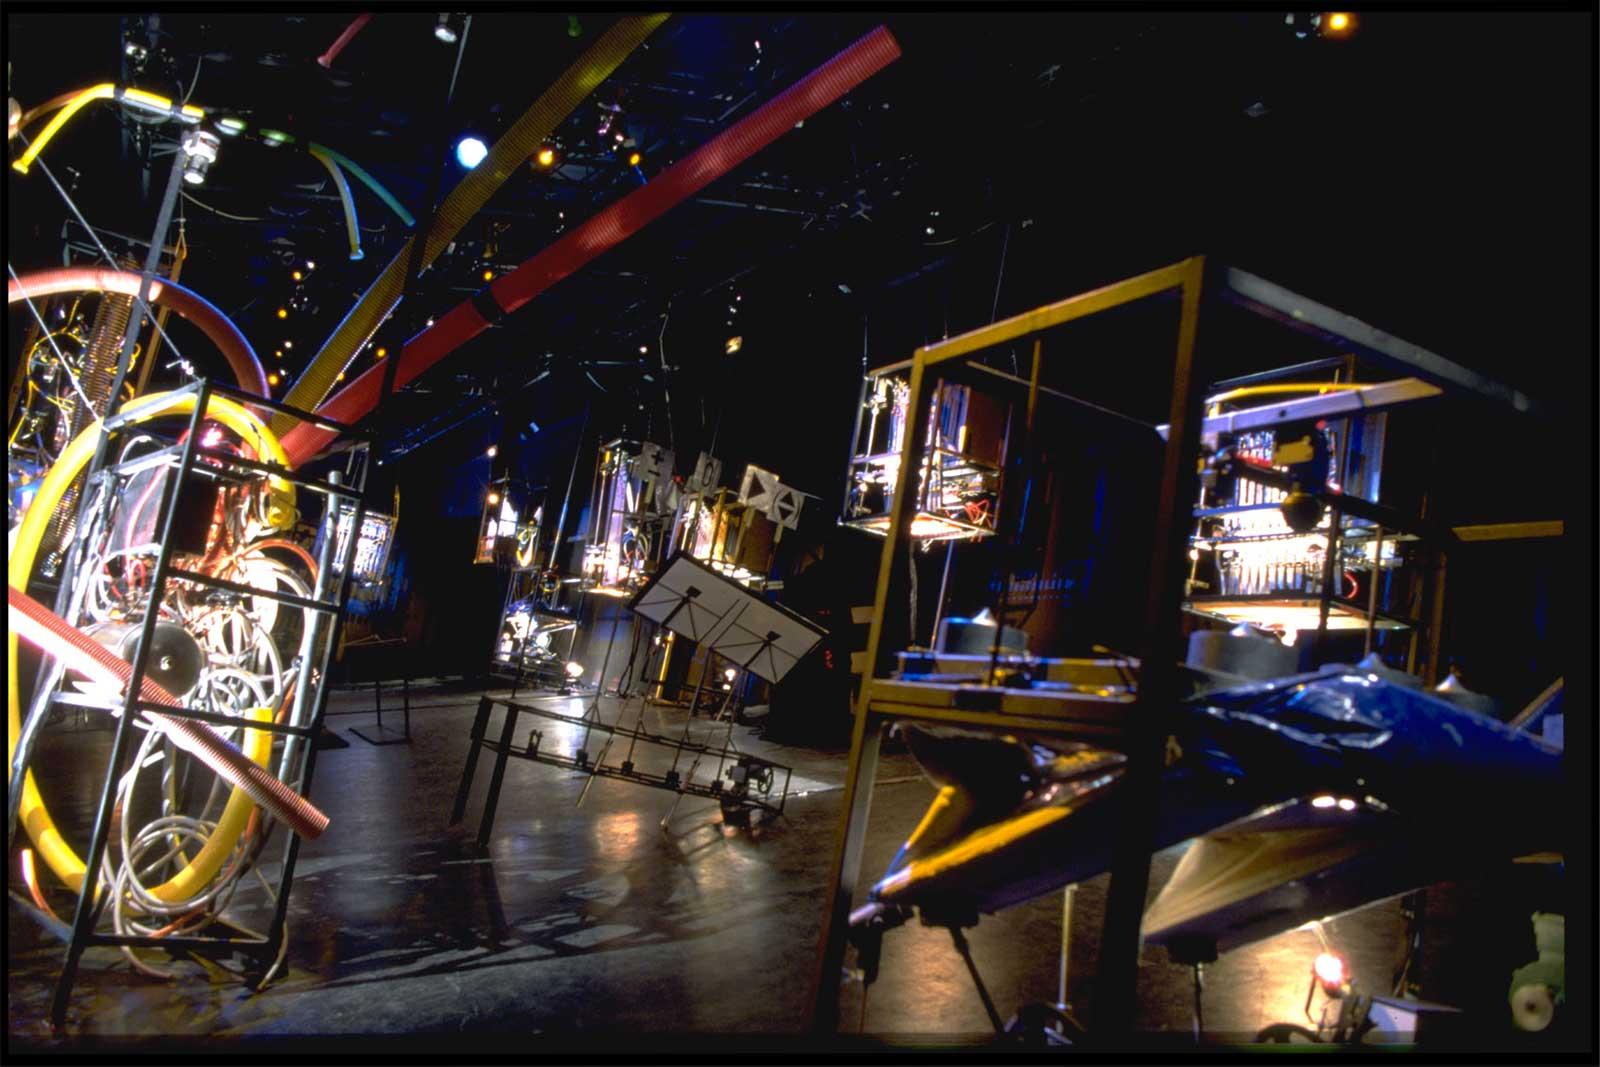 Machines musicales très colorées par les éclairages, sur fond sombre , défiant les lois de la pesanteur.